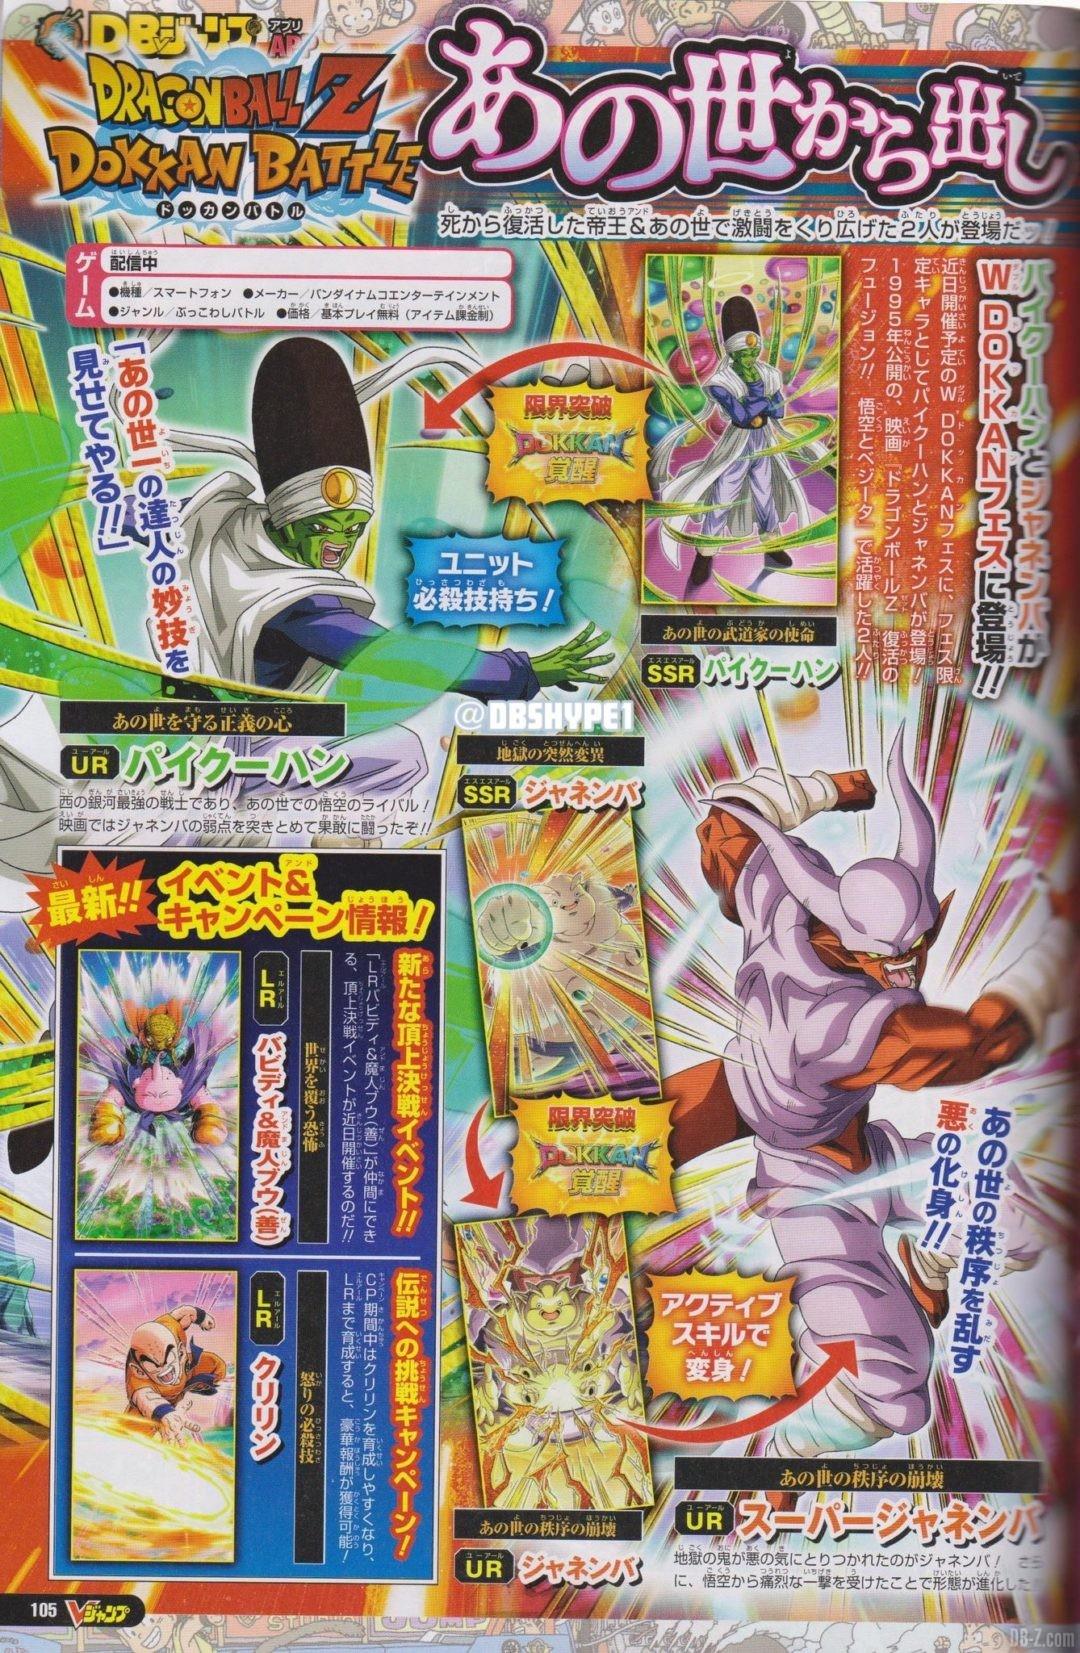 V Jump 21.12.2020 Paikuhan Dokkan Battle